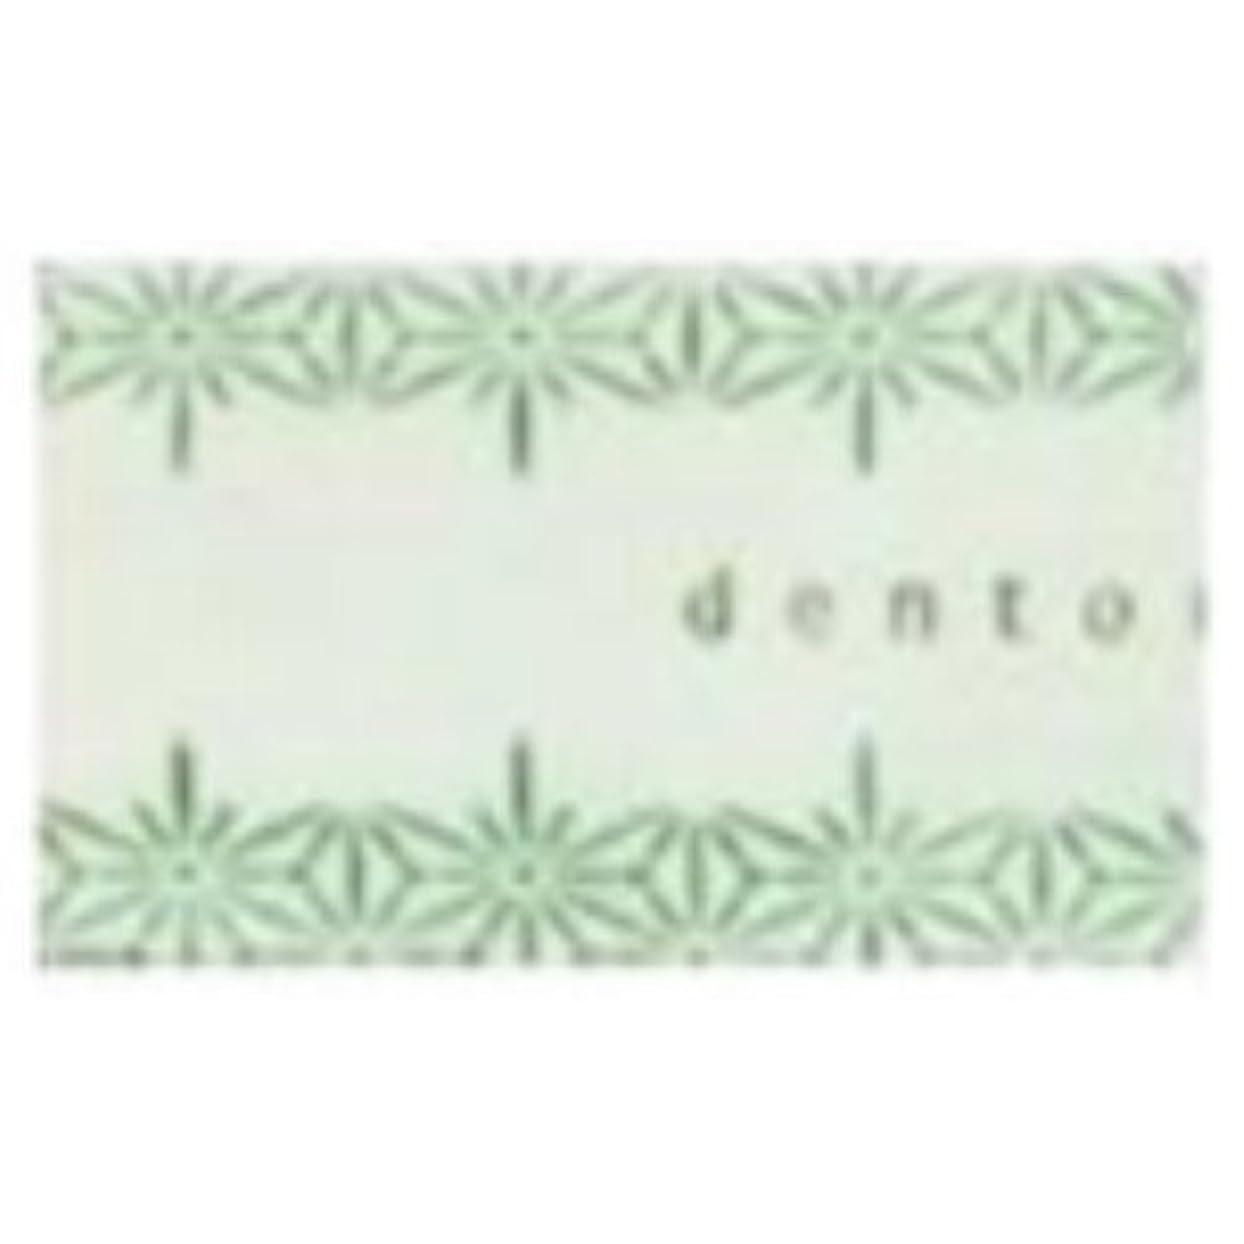 広告ダースサバント薫寿堂 紙のお香 美香 雅の香り 30枚入